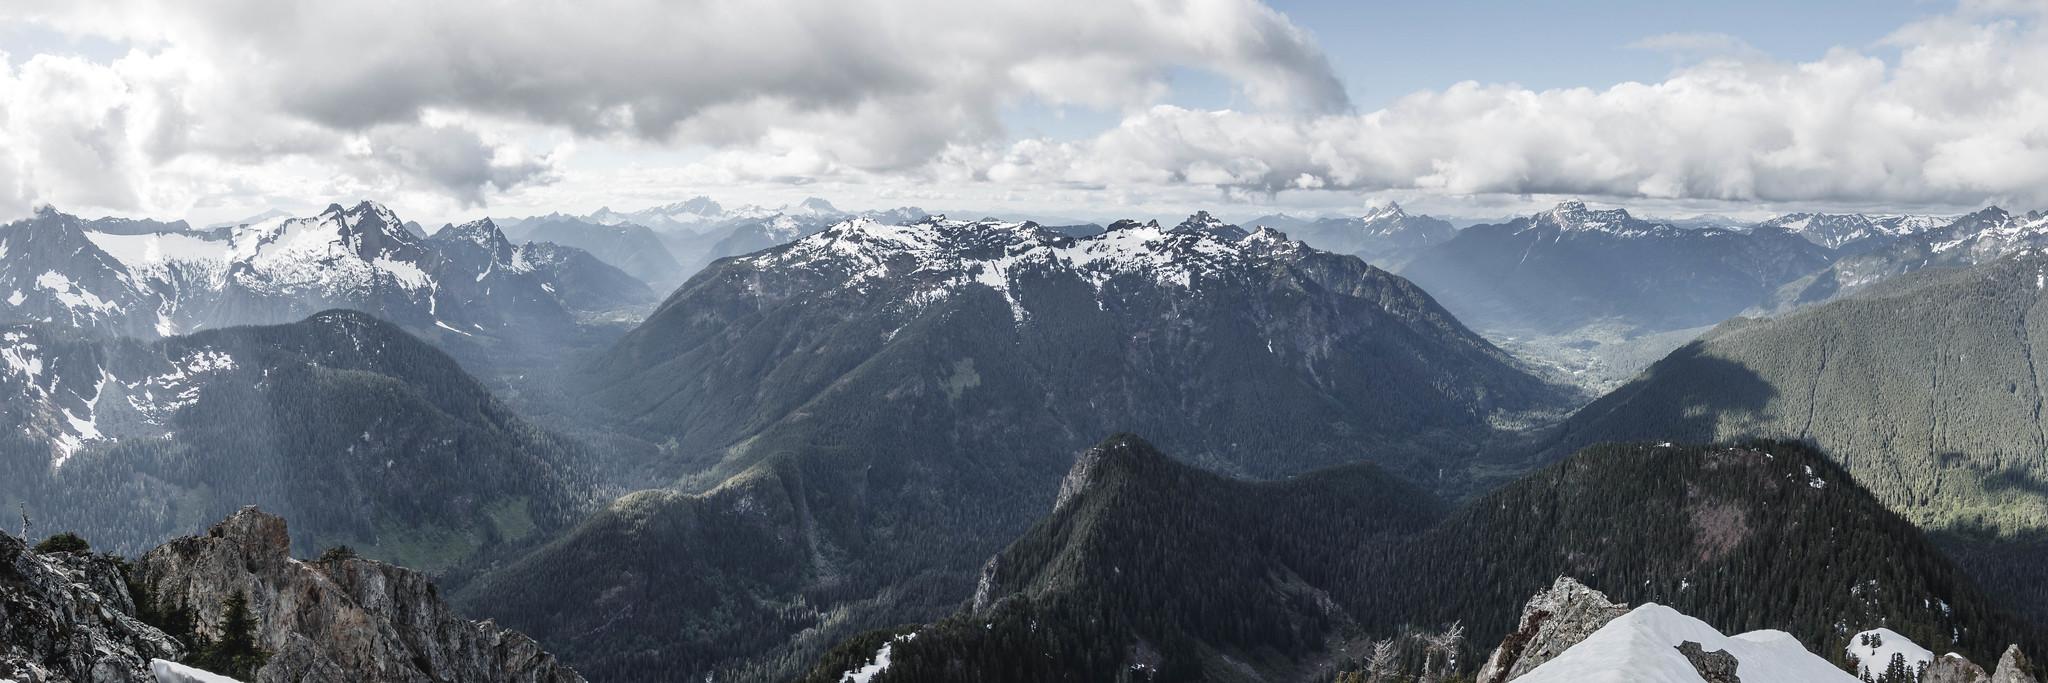 Stillaguamish to Sauk River Valley panoramic view